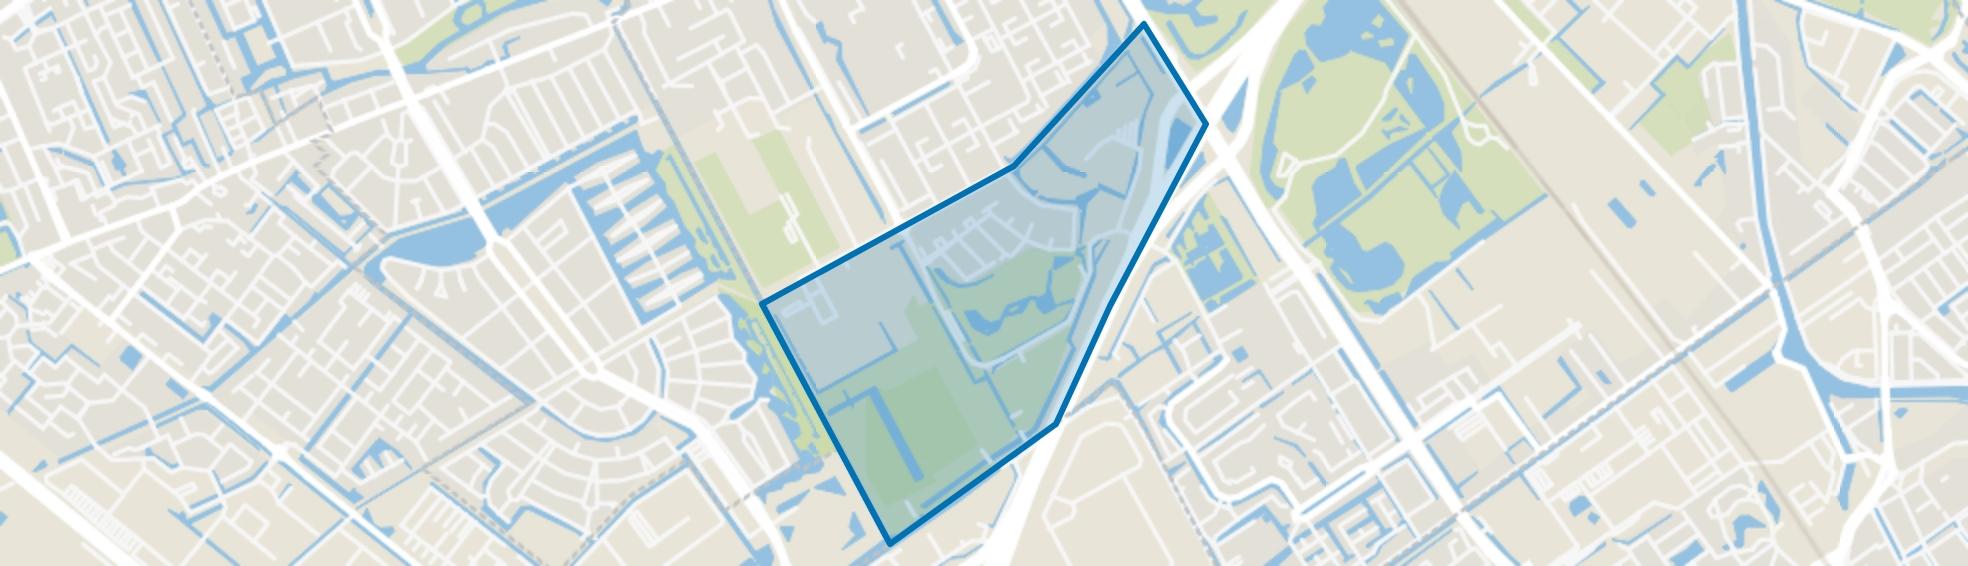 Hoekpolder, Rijswijk (ZH) map